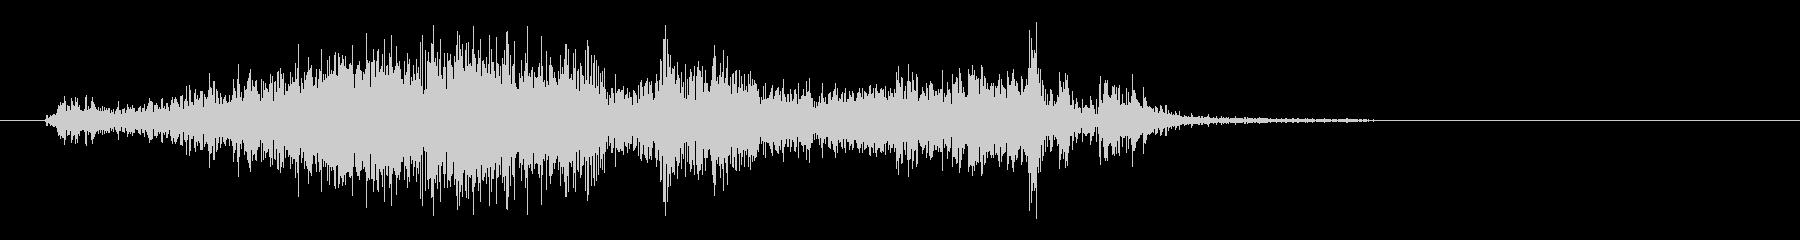 ペラッという紙のこすれる音の未再生の波形